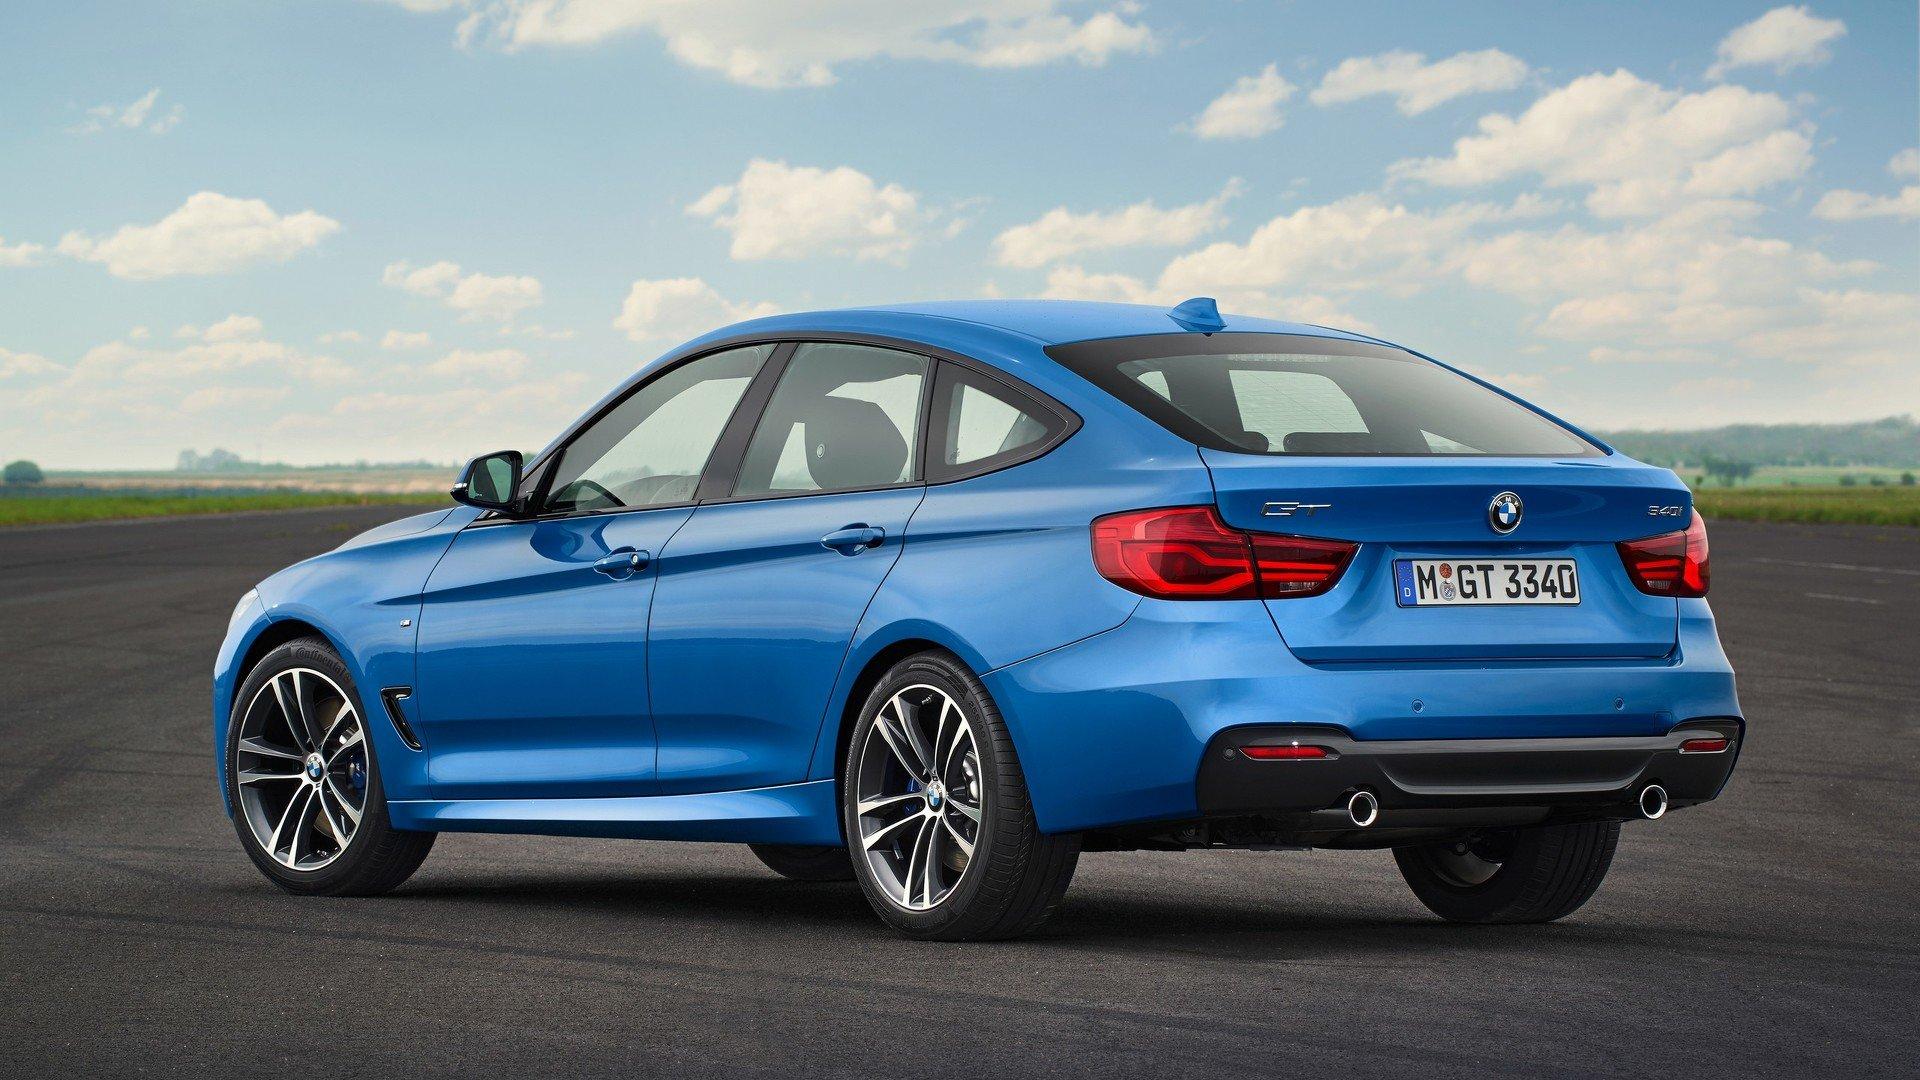 BMW serii 3 GT 2017 facelift